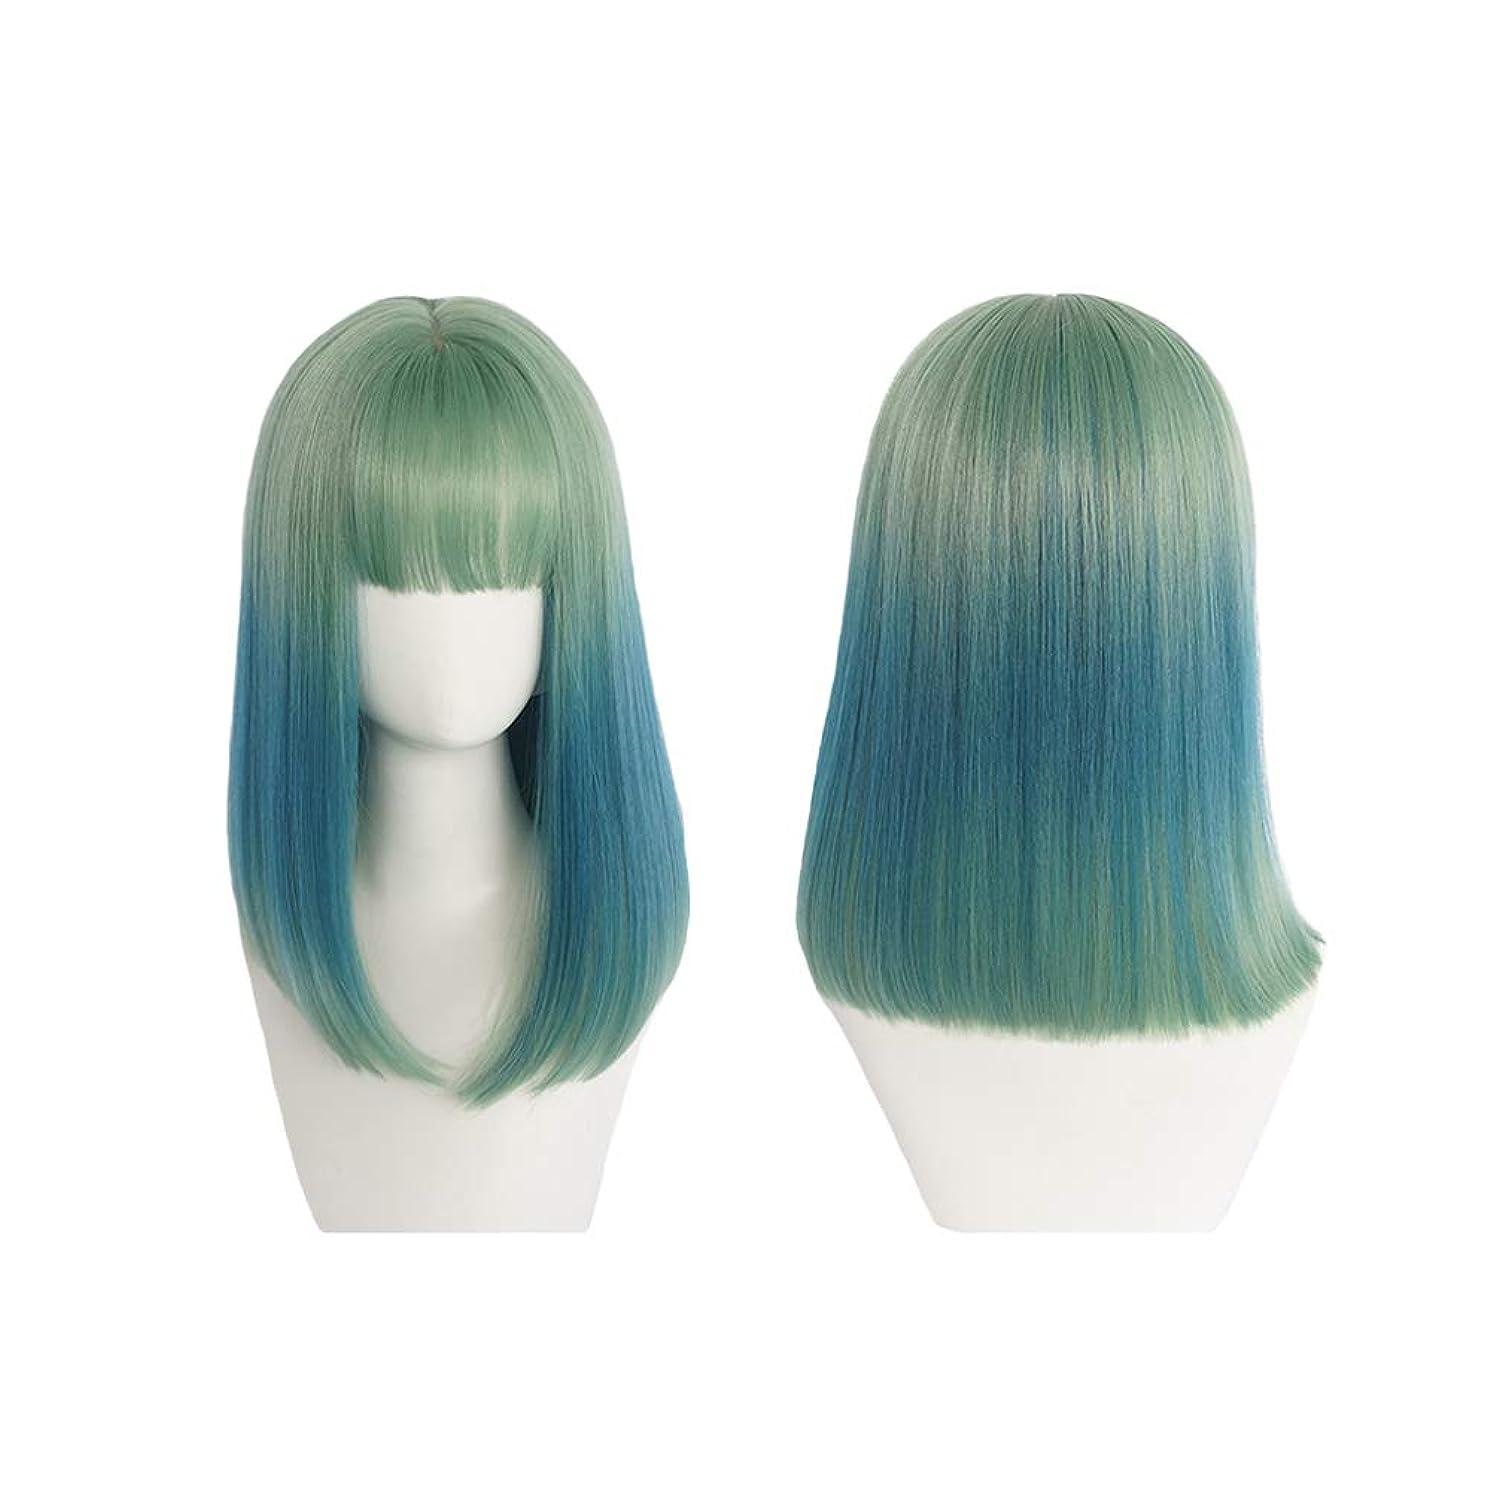 スポンサーポンド認証ウィッグ - ミディアムロングストレートウィッグハロウィーンコスプレヒートナチュラル40cmグリーングラデーションブルー (色 : Green, サイズ さいず : 40cm)